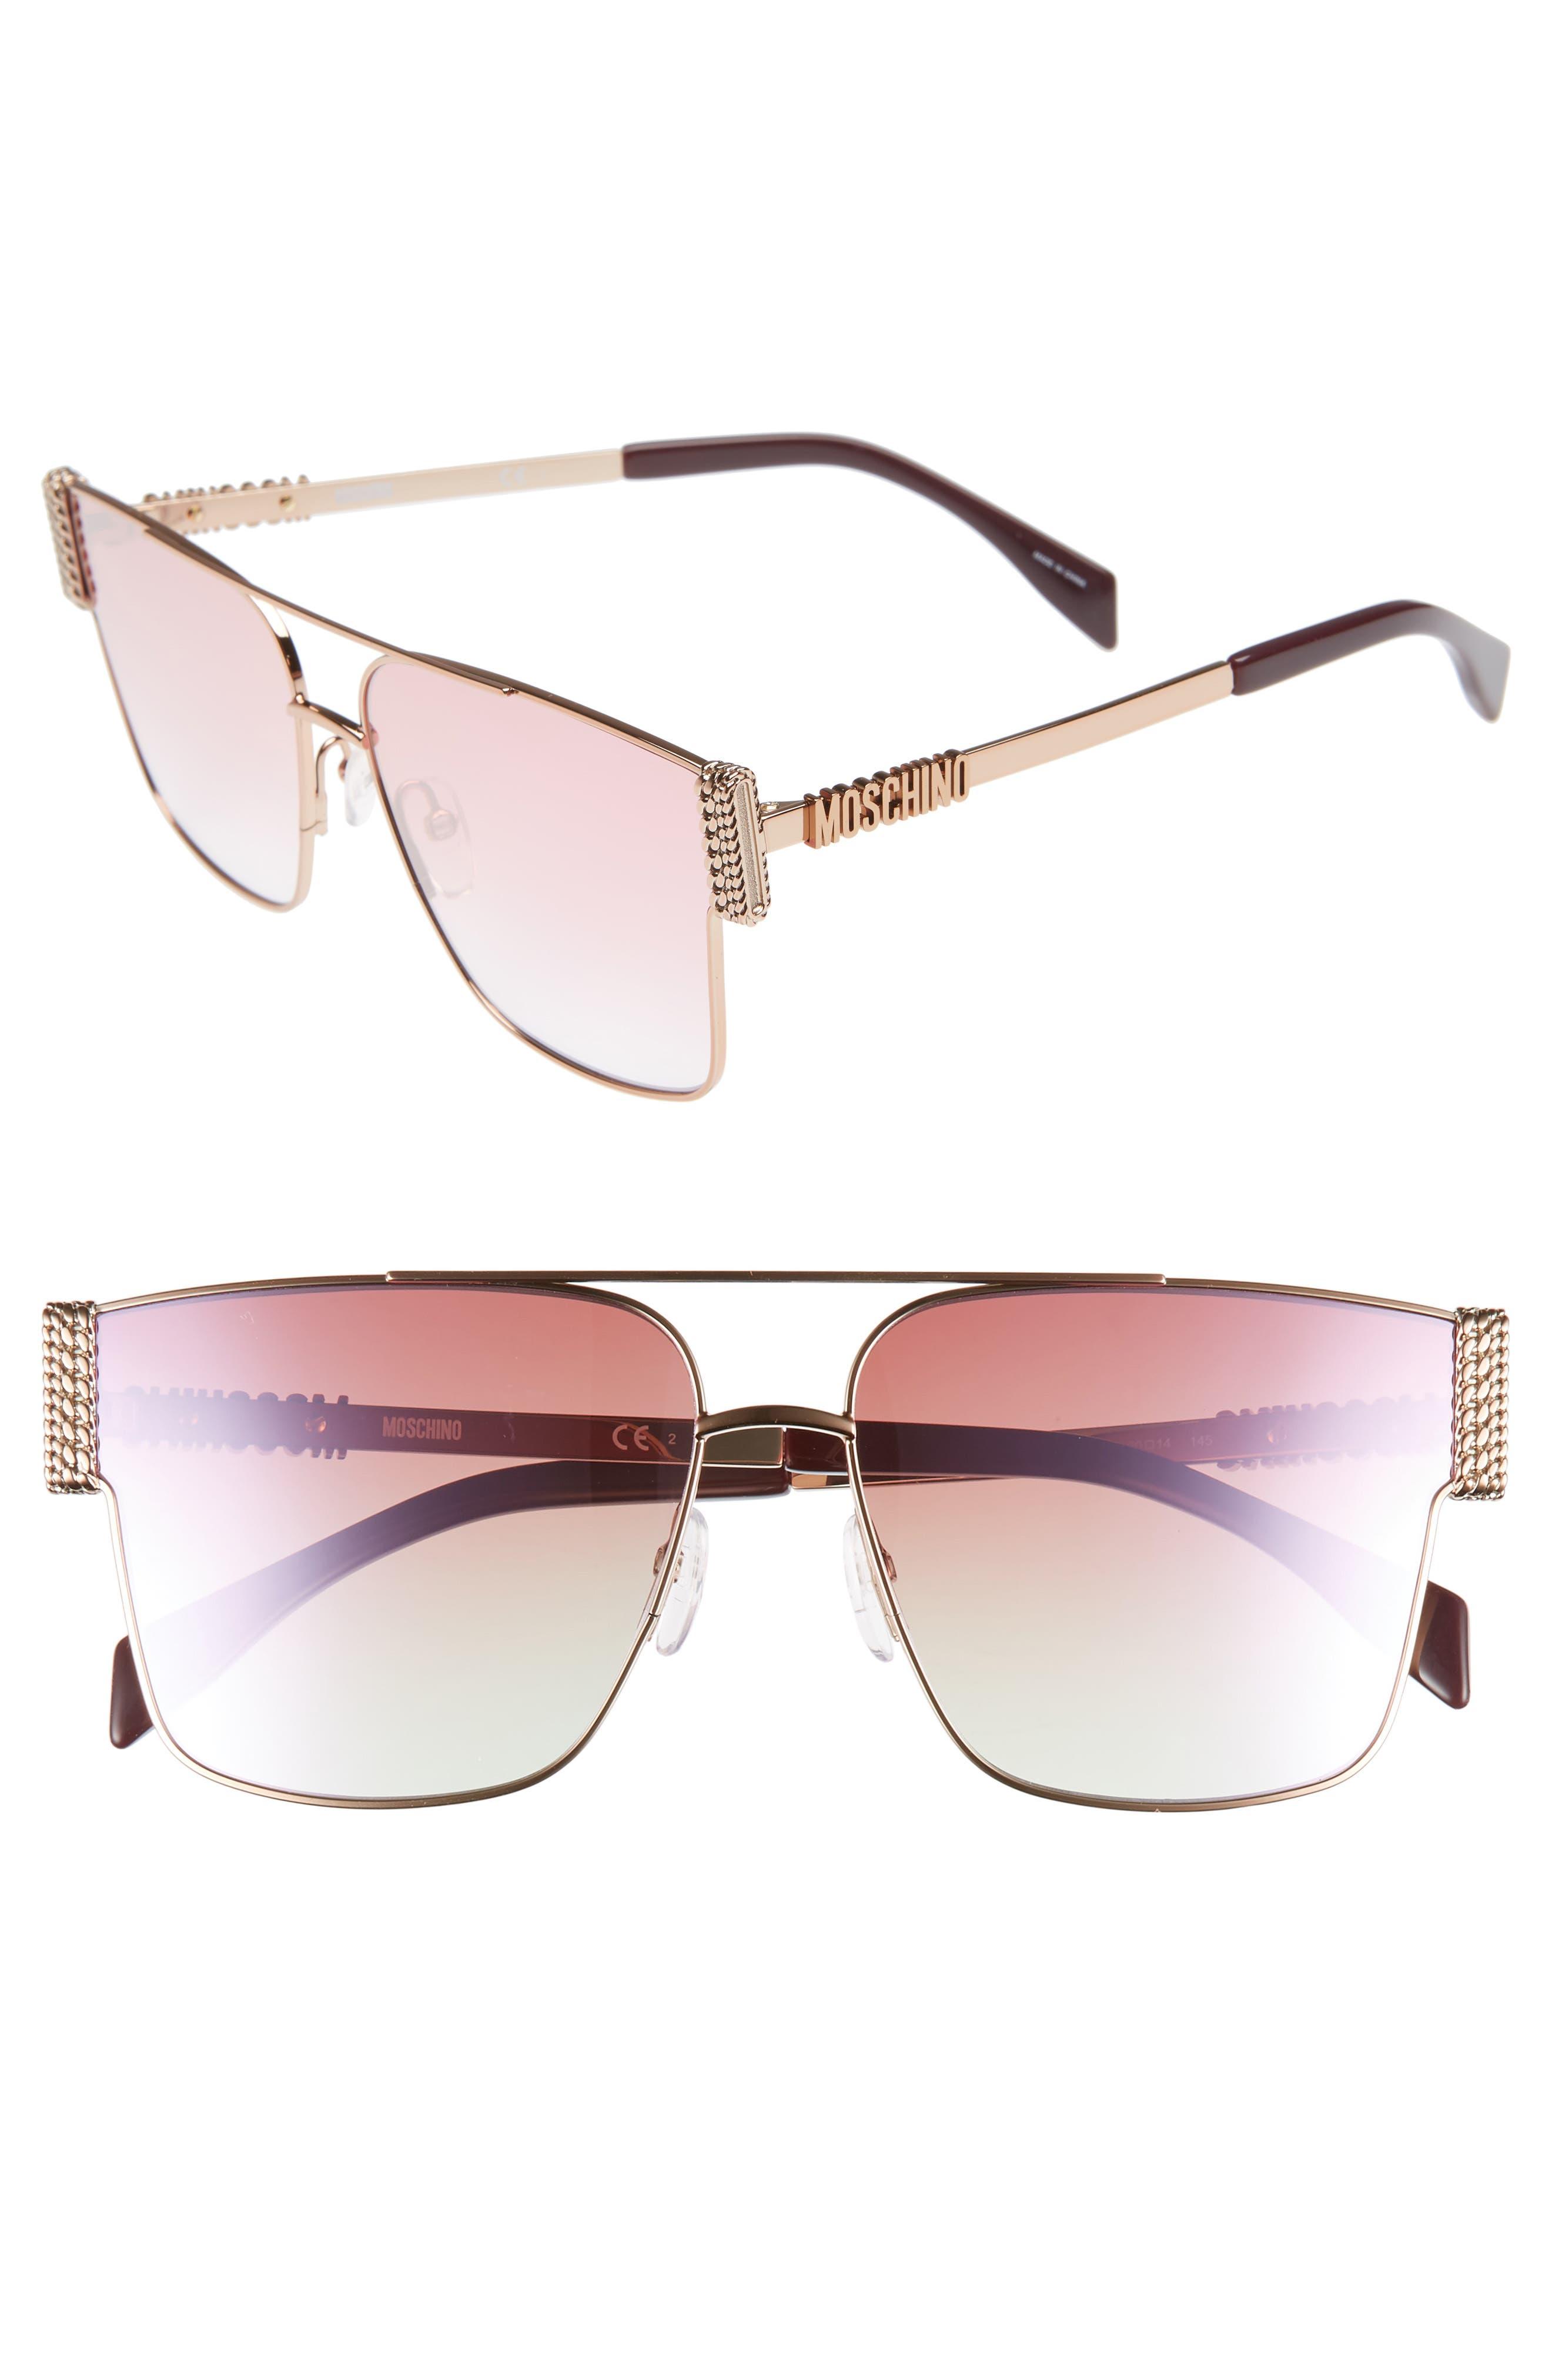 60mm Polarized Aviator Sunglasses, Main, color, GOLD COPPER